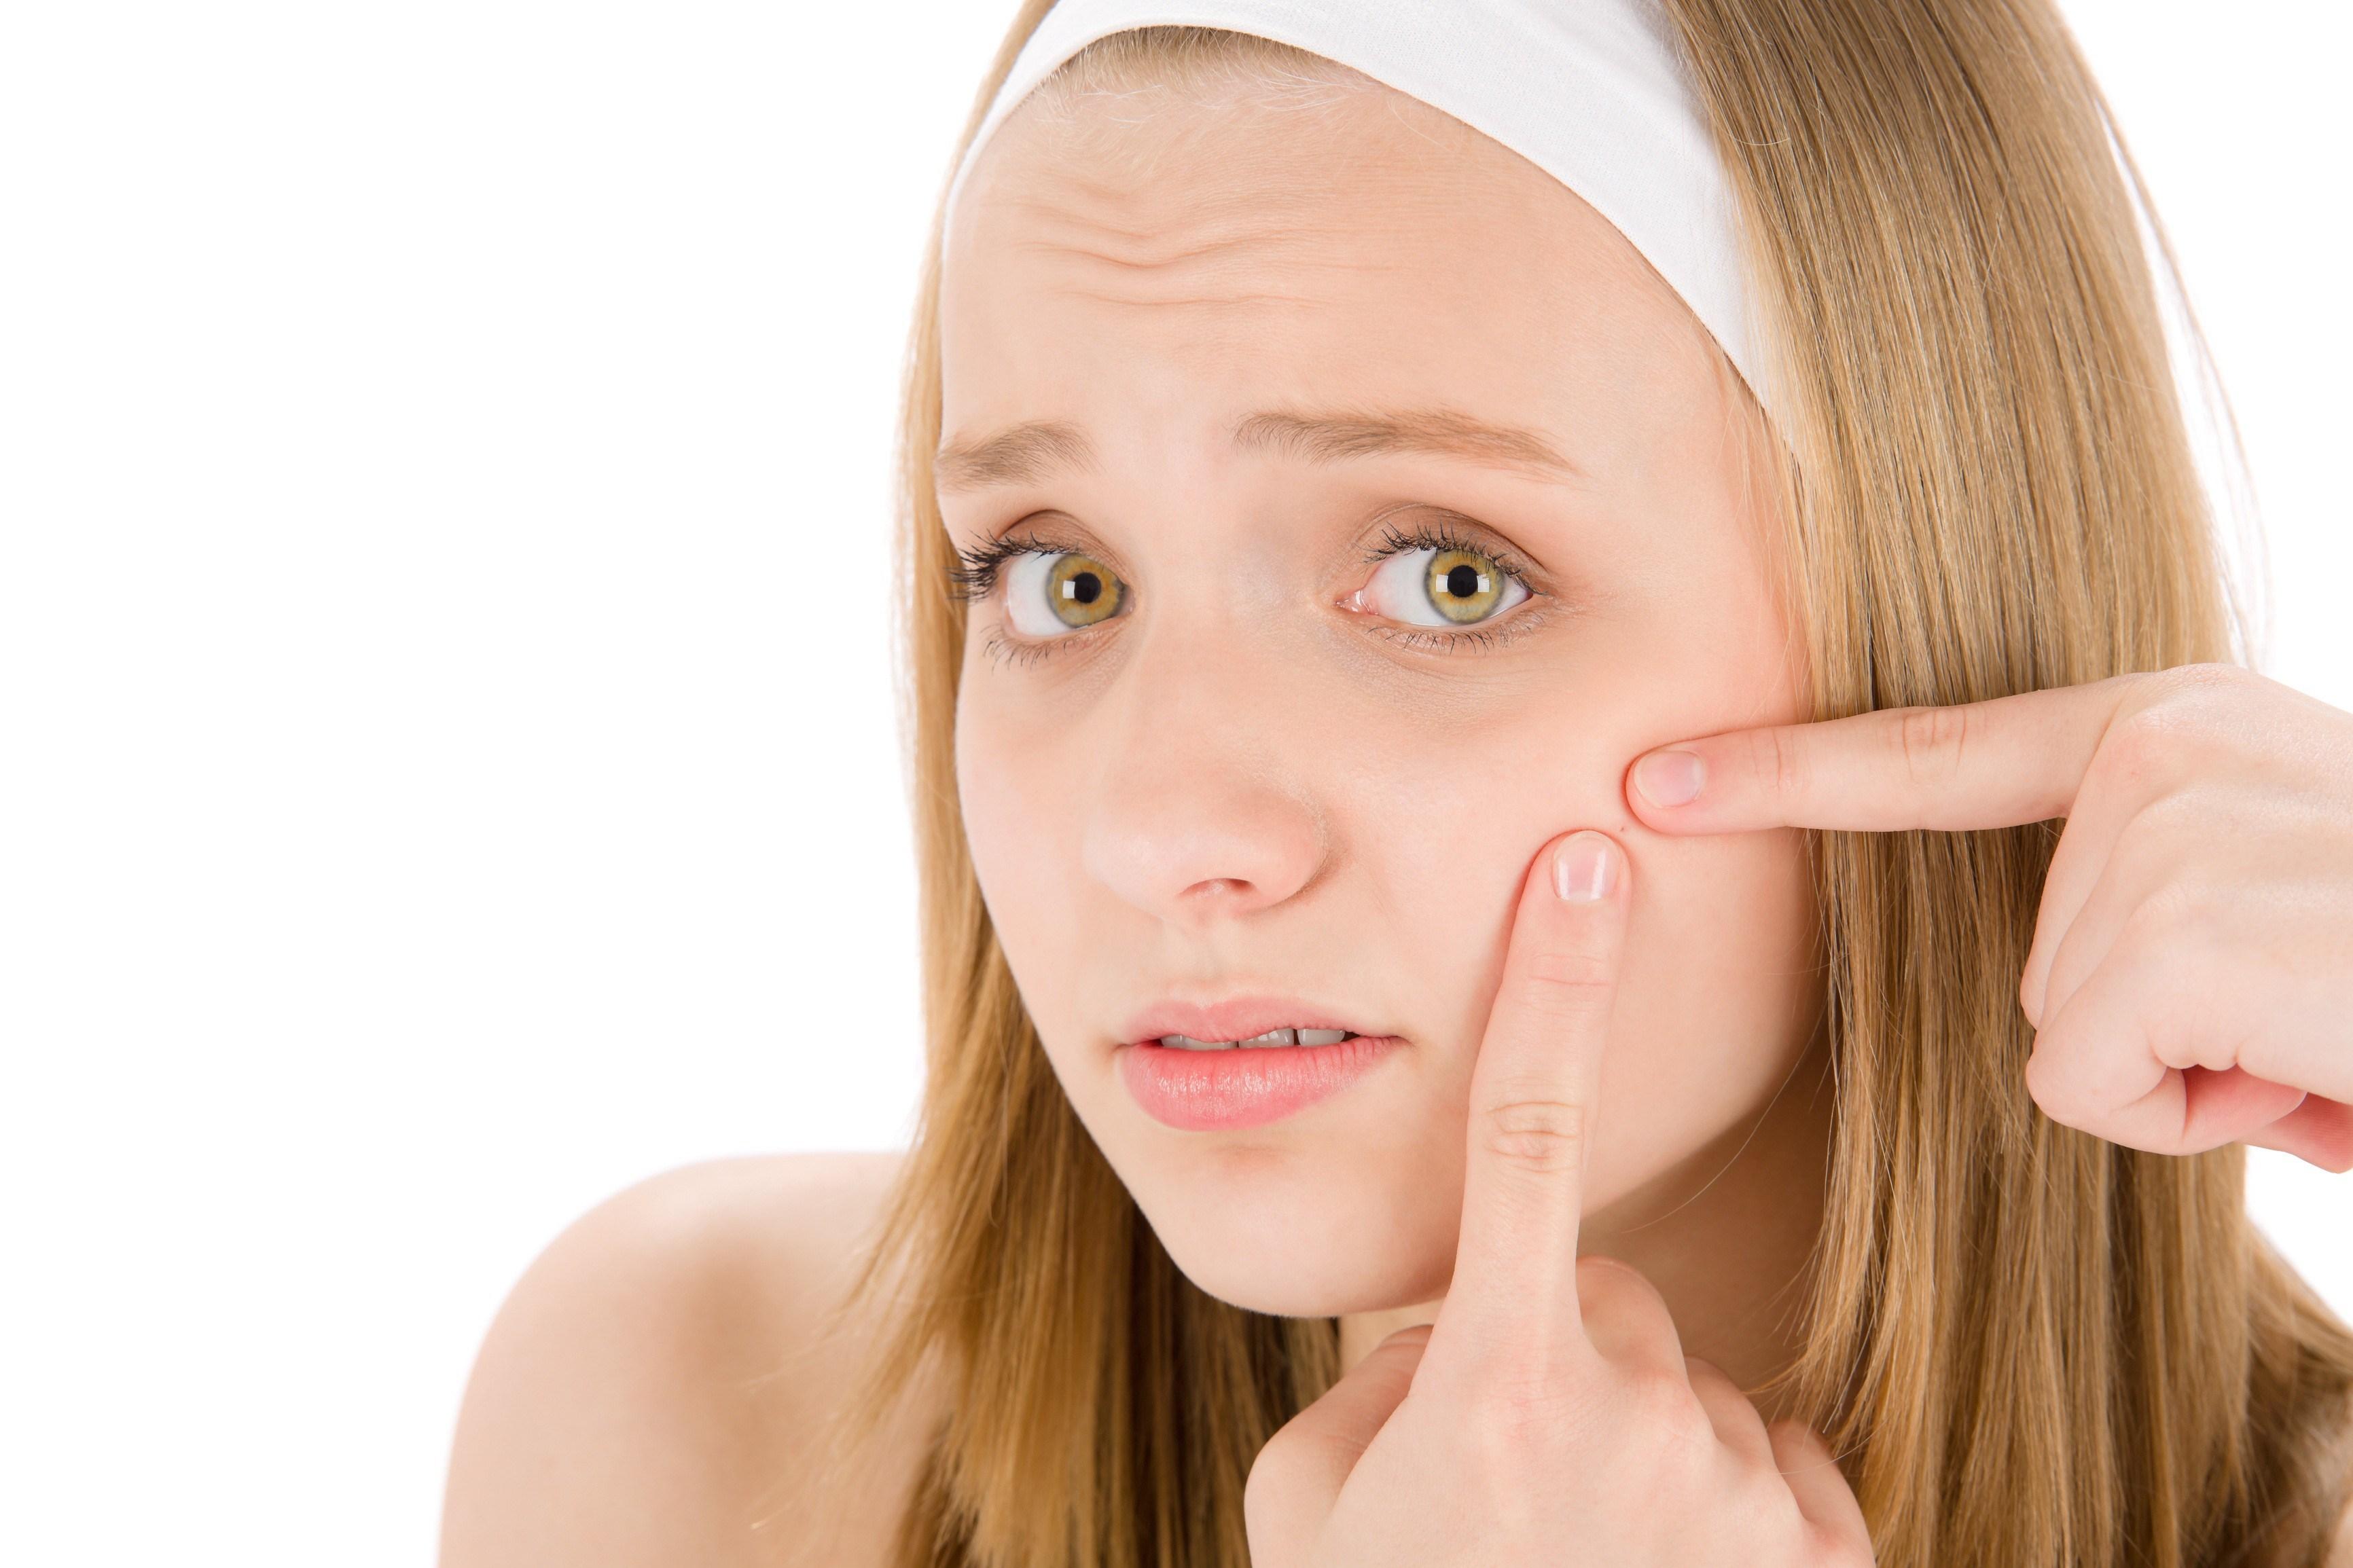 ✭壞成分✭ 1. PEG-8異硬脂酸 2. 三異甘油硬脂酸 雖然能夠幫助皮膚角質軟化,可是也容易導致過敏的成分。